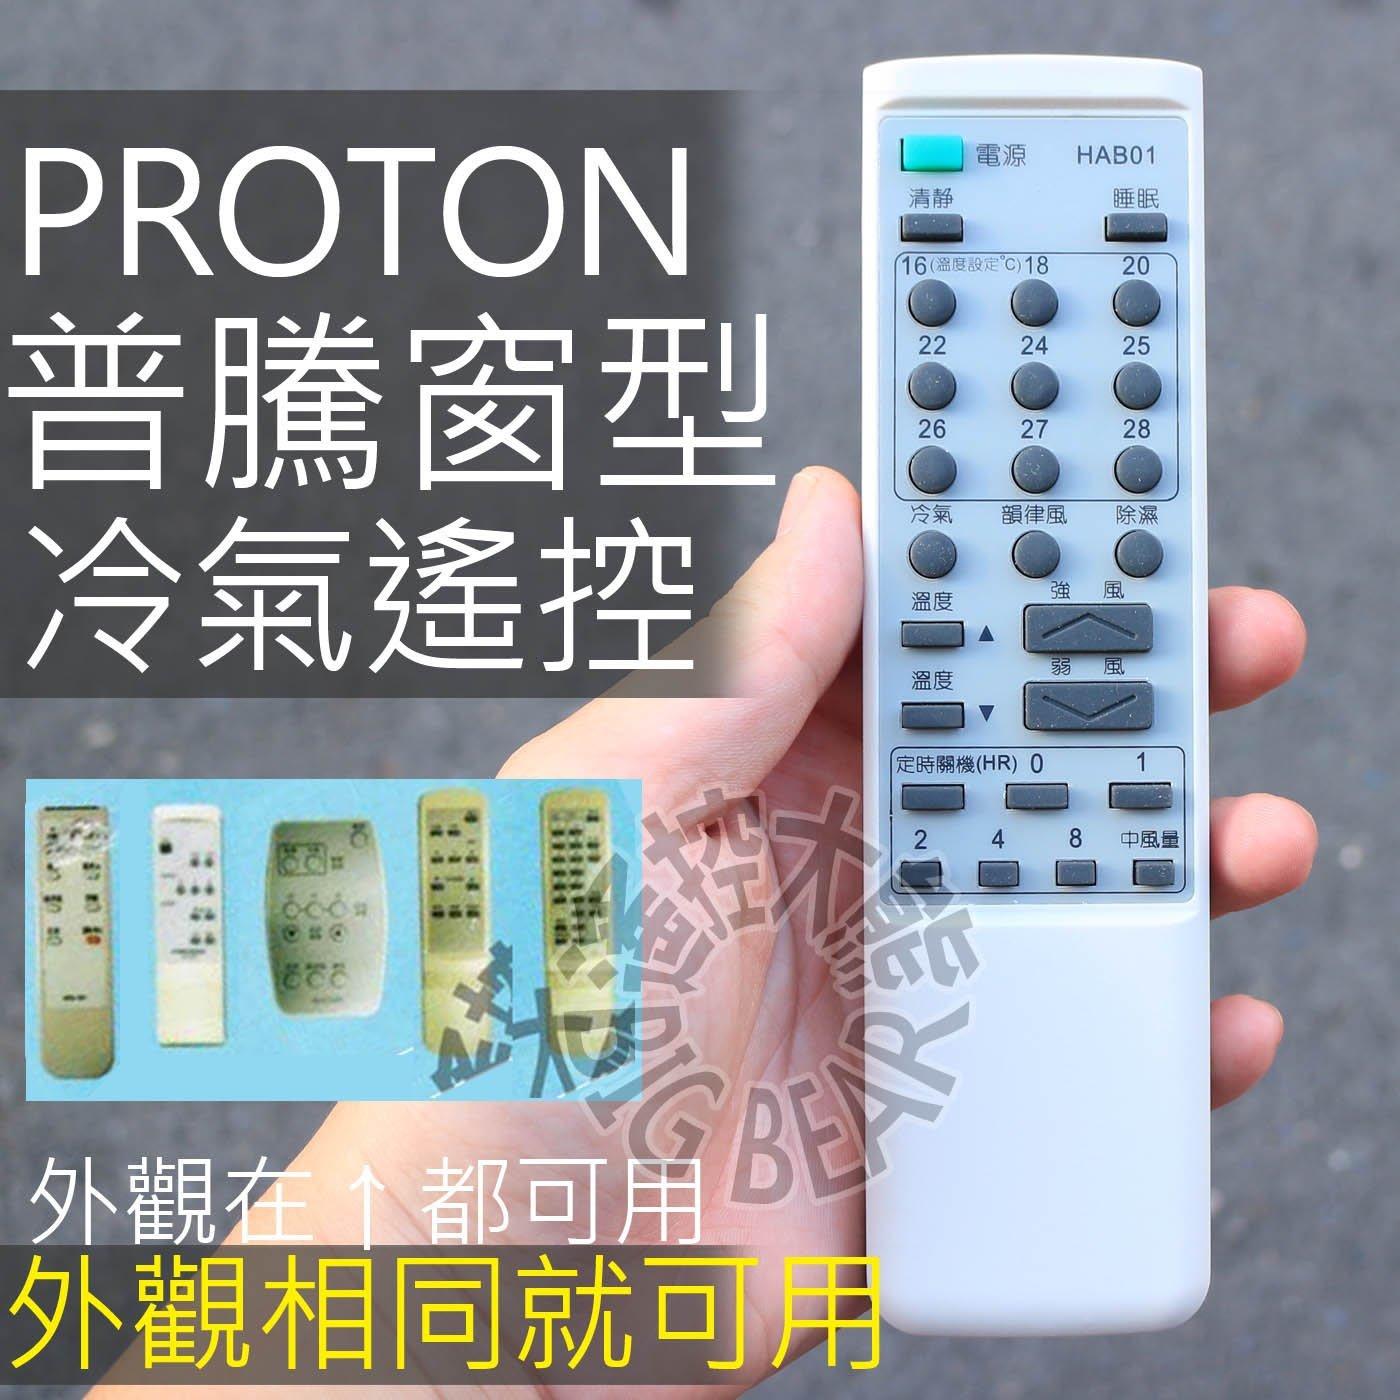 普騰冷氣遙控器 【遙控無螢幕專用】PROTON 普騰 分離式 窗型冷氣遙控器 HAF01R AL-1572LRB